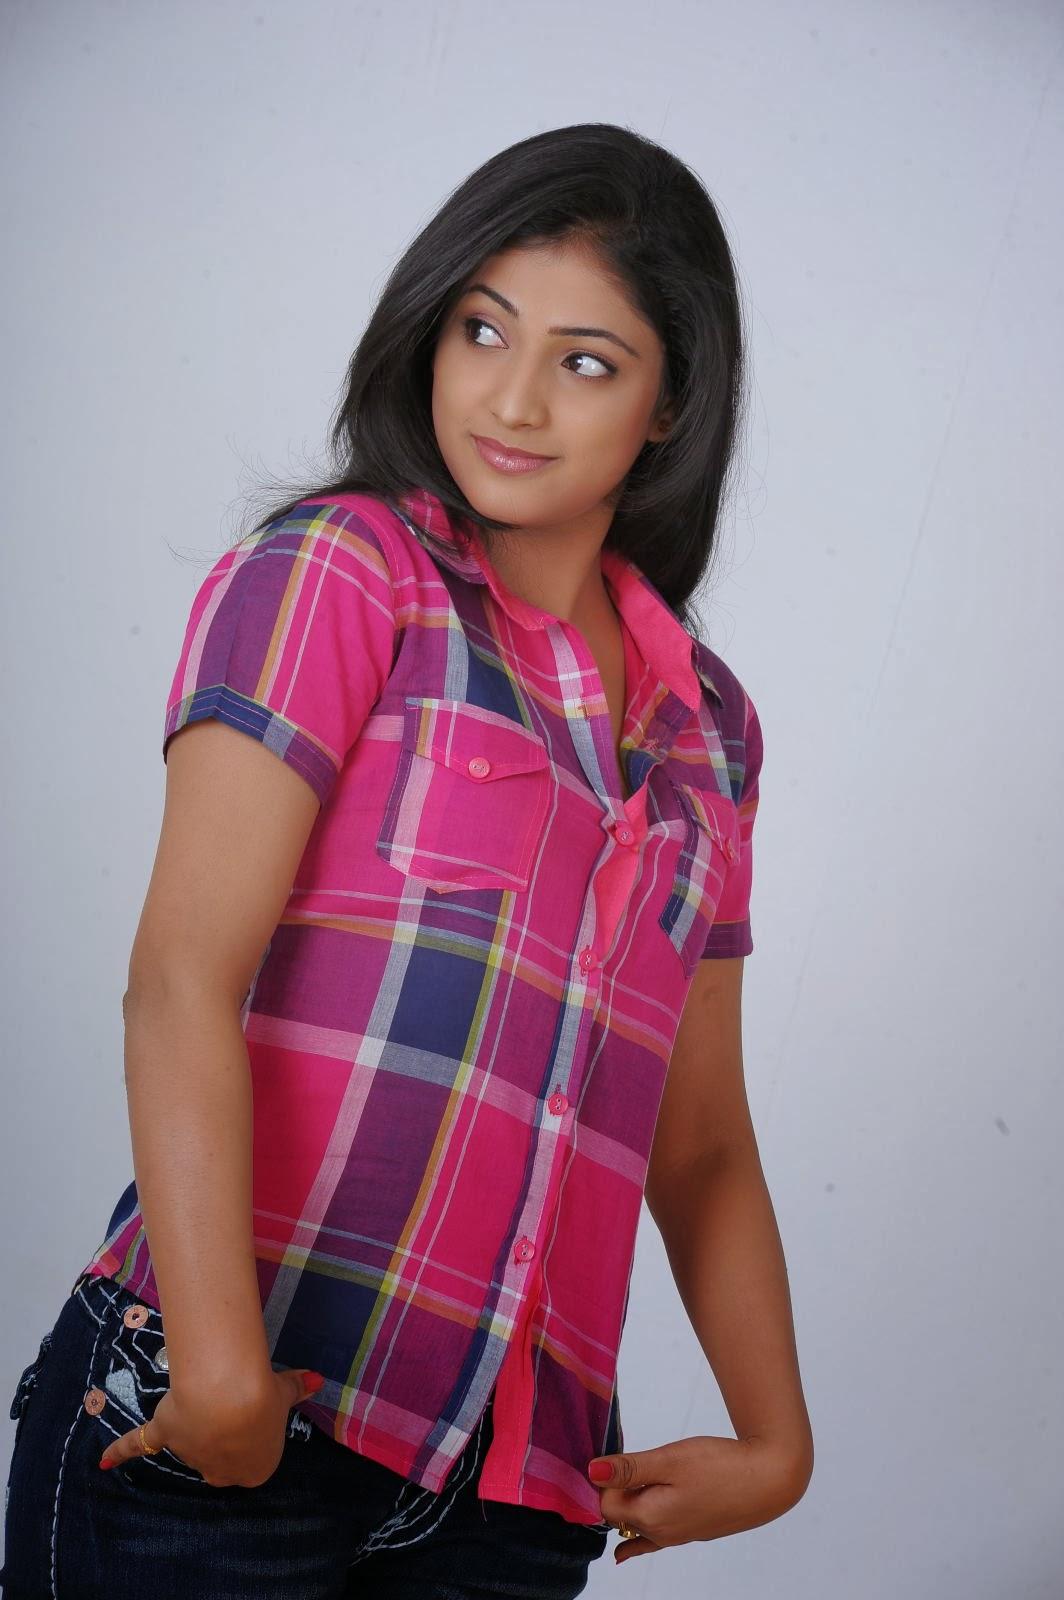 ethnic beauty Haripriya latest photoshoot gallery